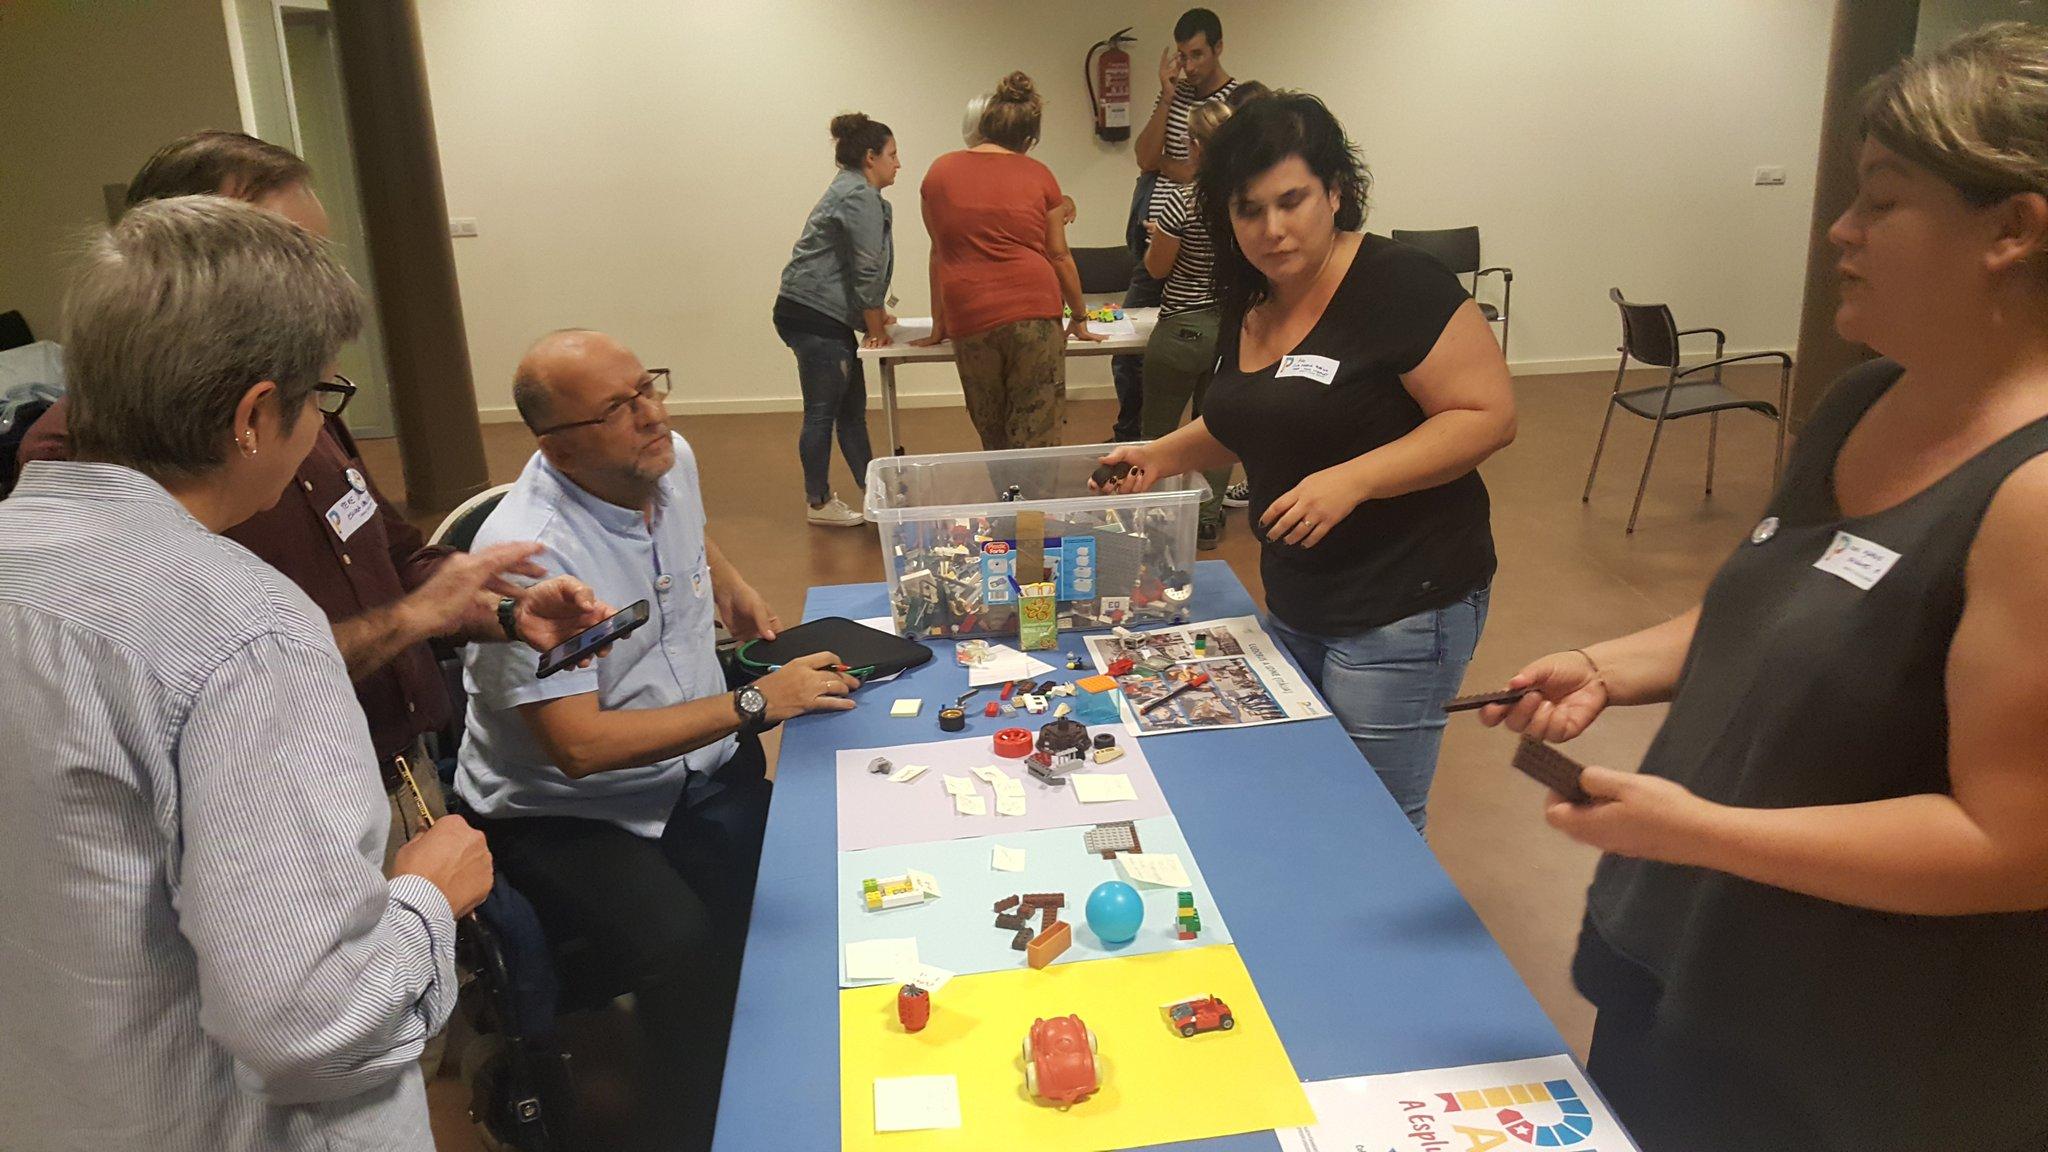 Esplugues de Llobregat ULG Meeting in October 2019 - Workshop